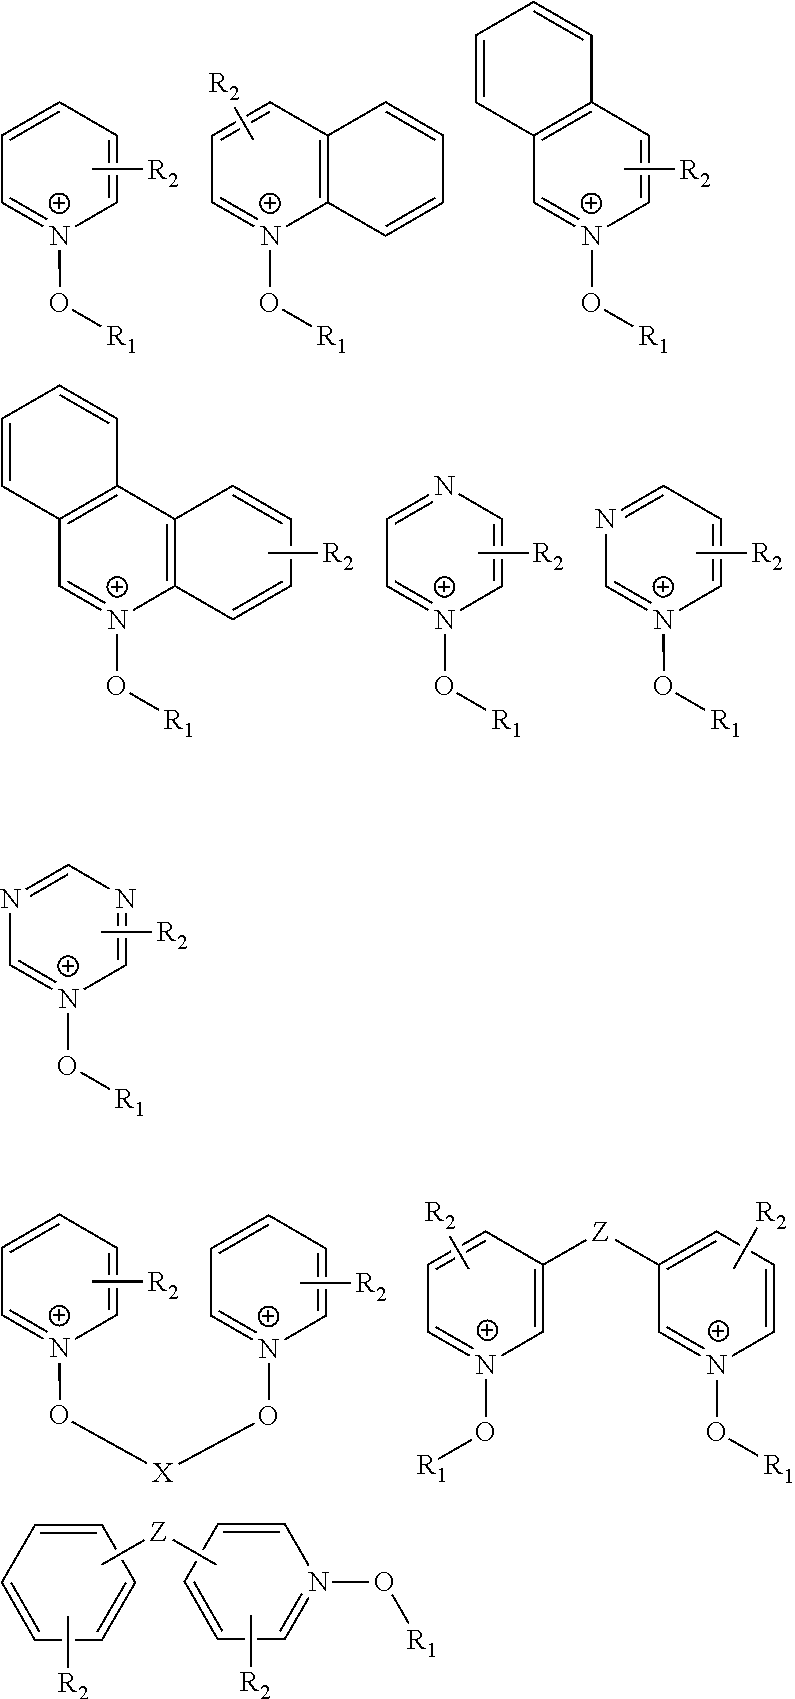 Figure US20120121815A1-20120517-C00004